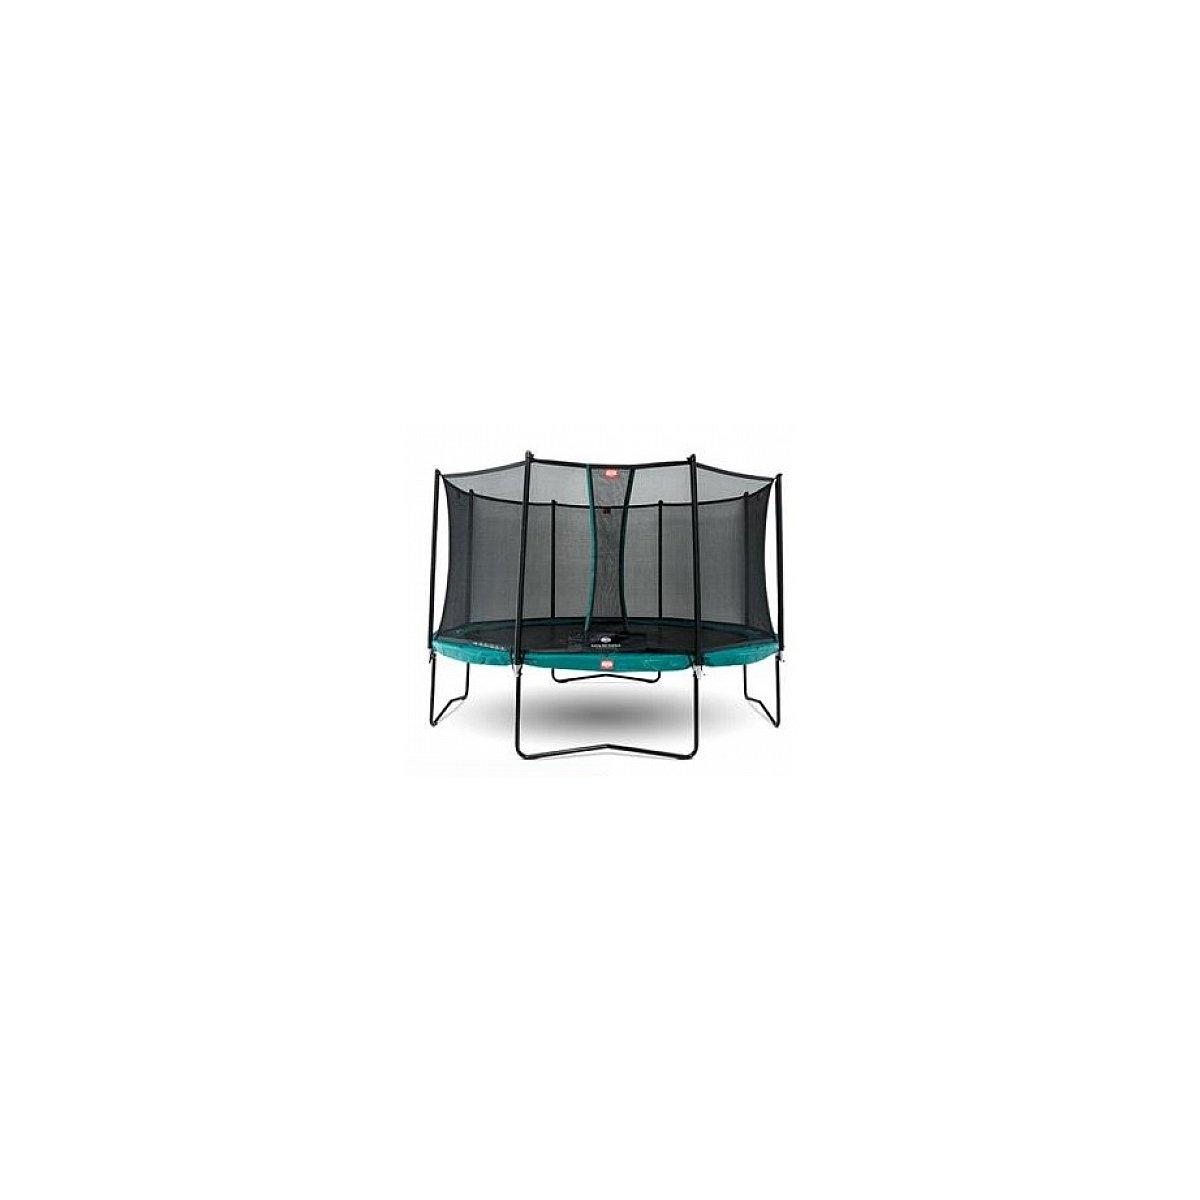 BERG® Trampolin Champion mit Sicherheitsnetz Comfort, 270 cm, Grün